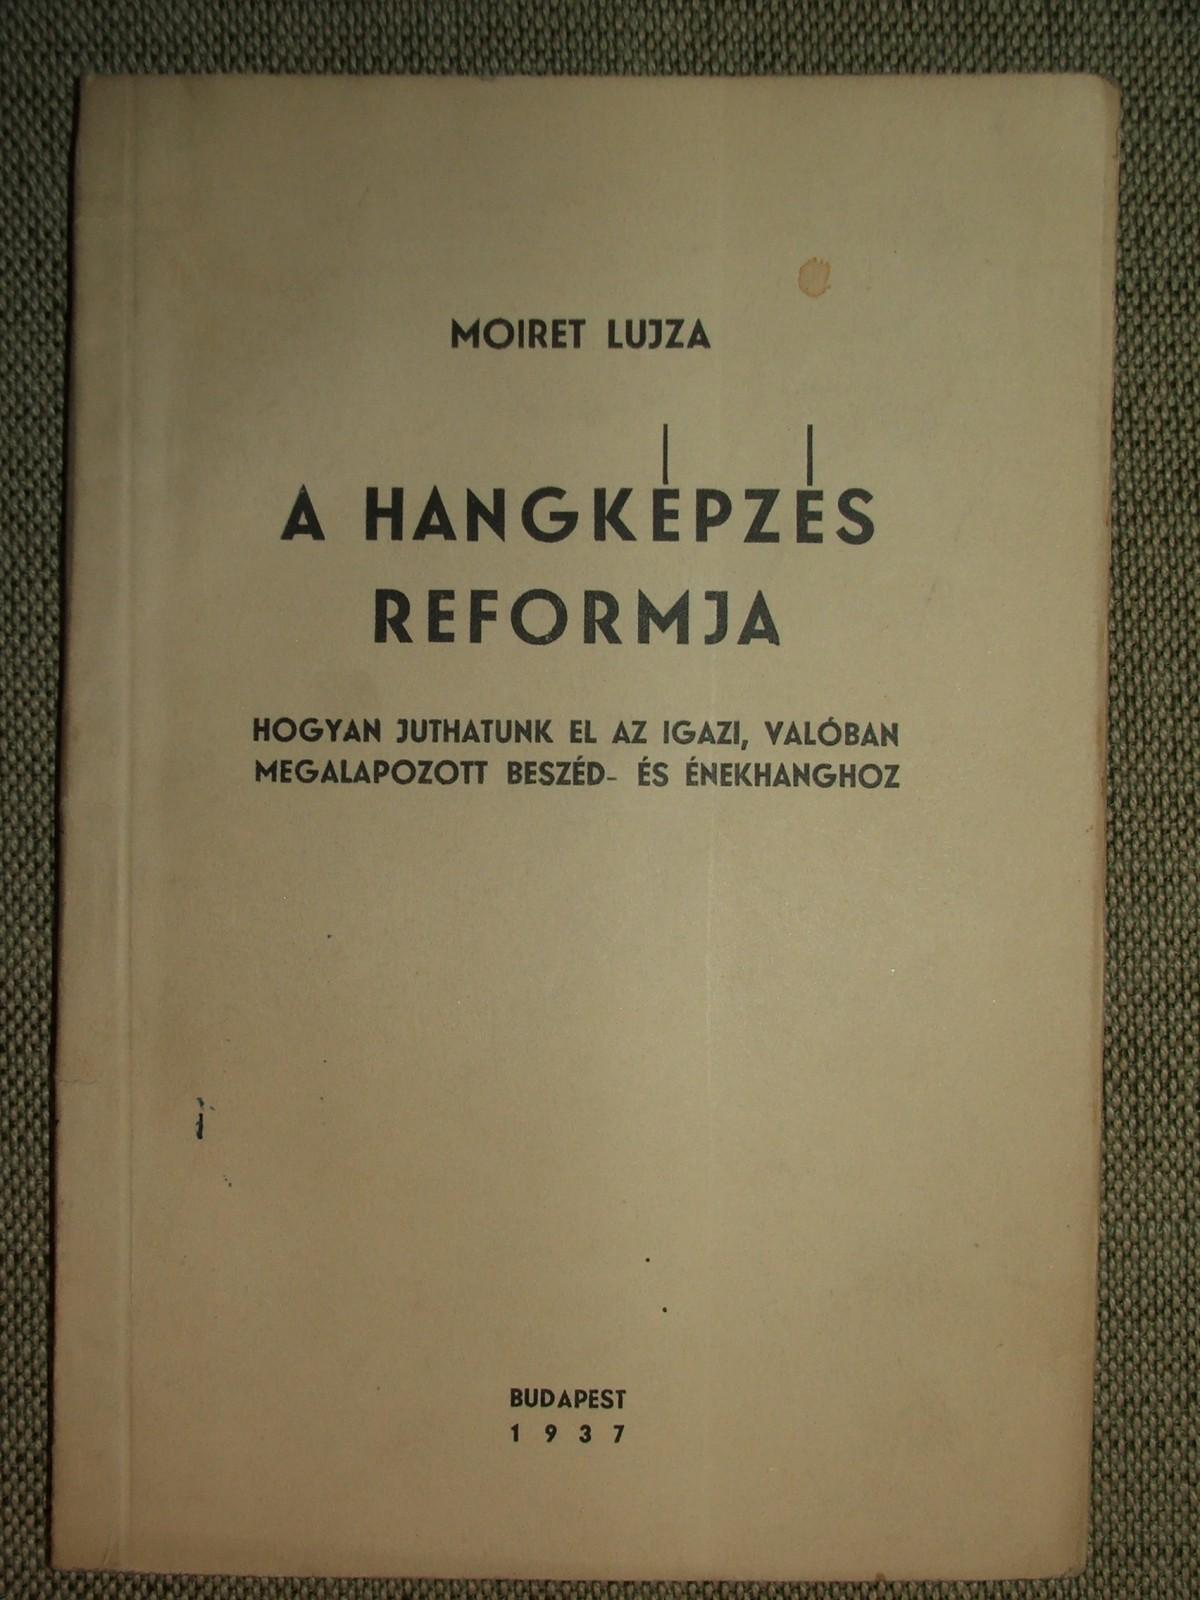 MOIRET Lujza: A hangképzés reformja